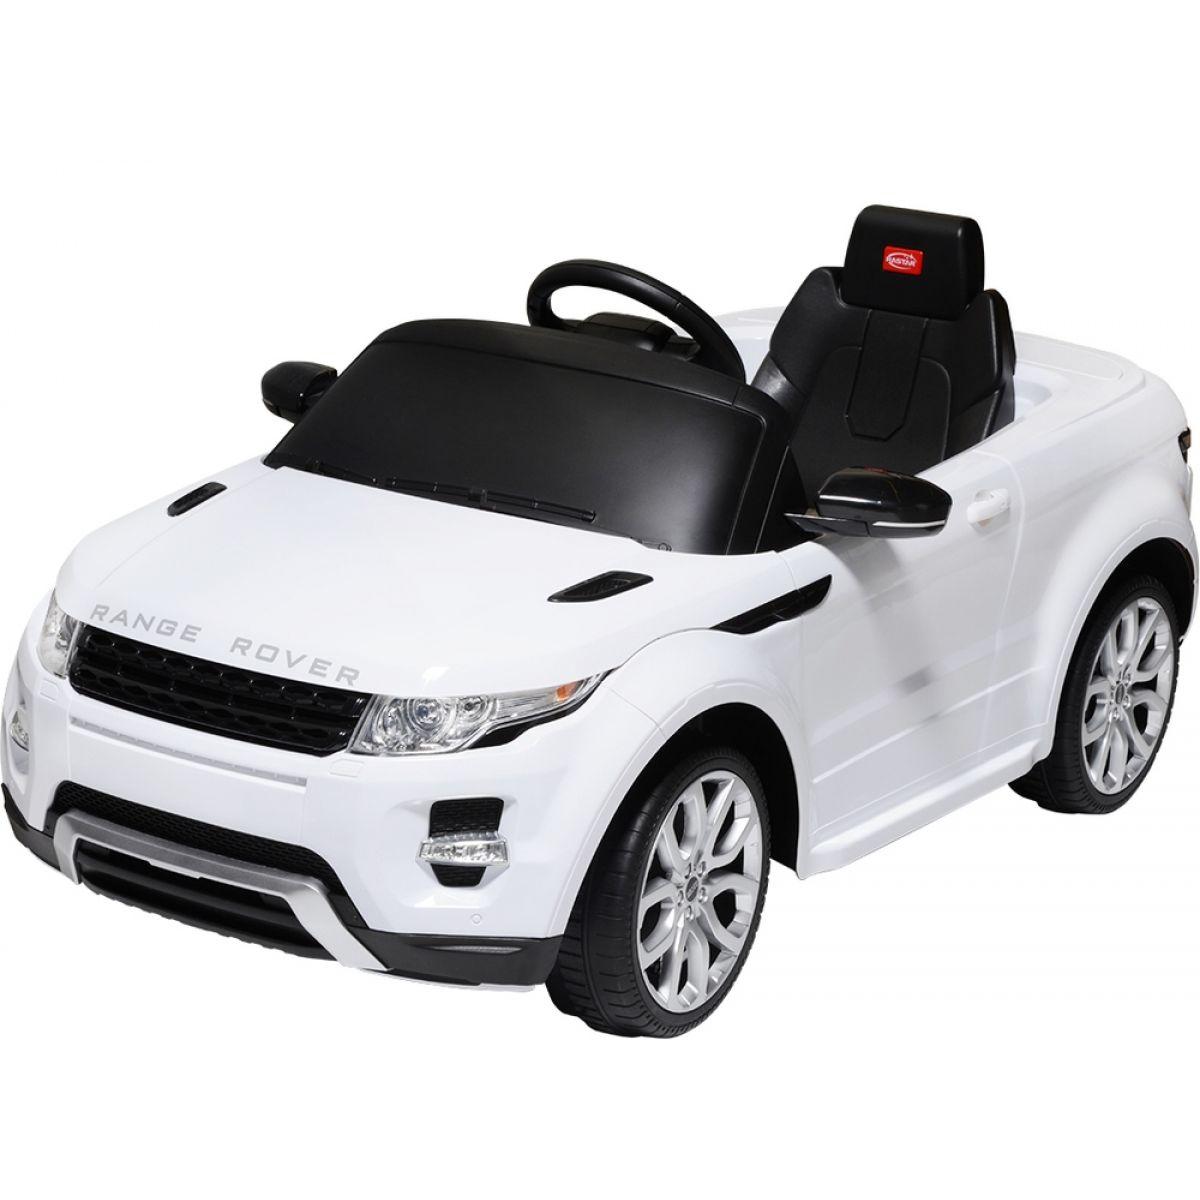 Buddy Toys Elektrické auto Range Rover bílé